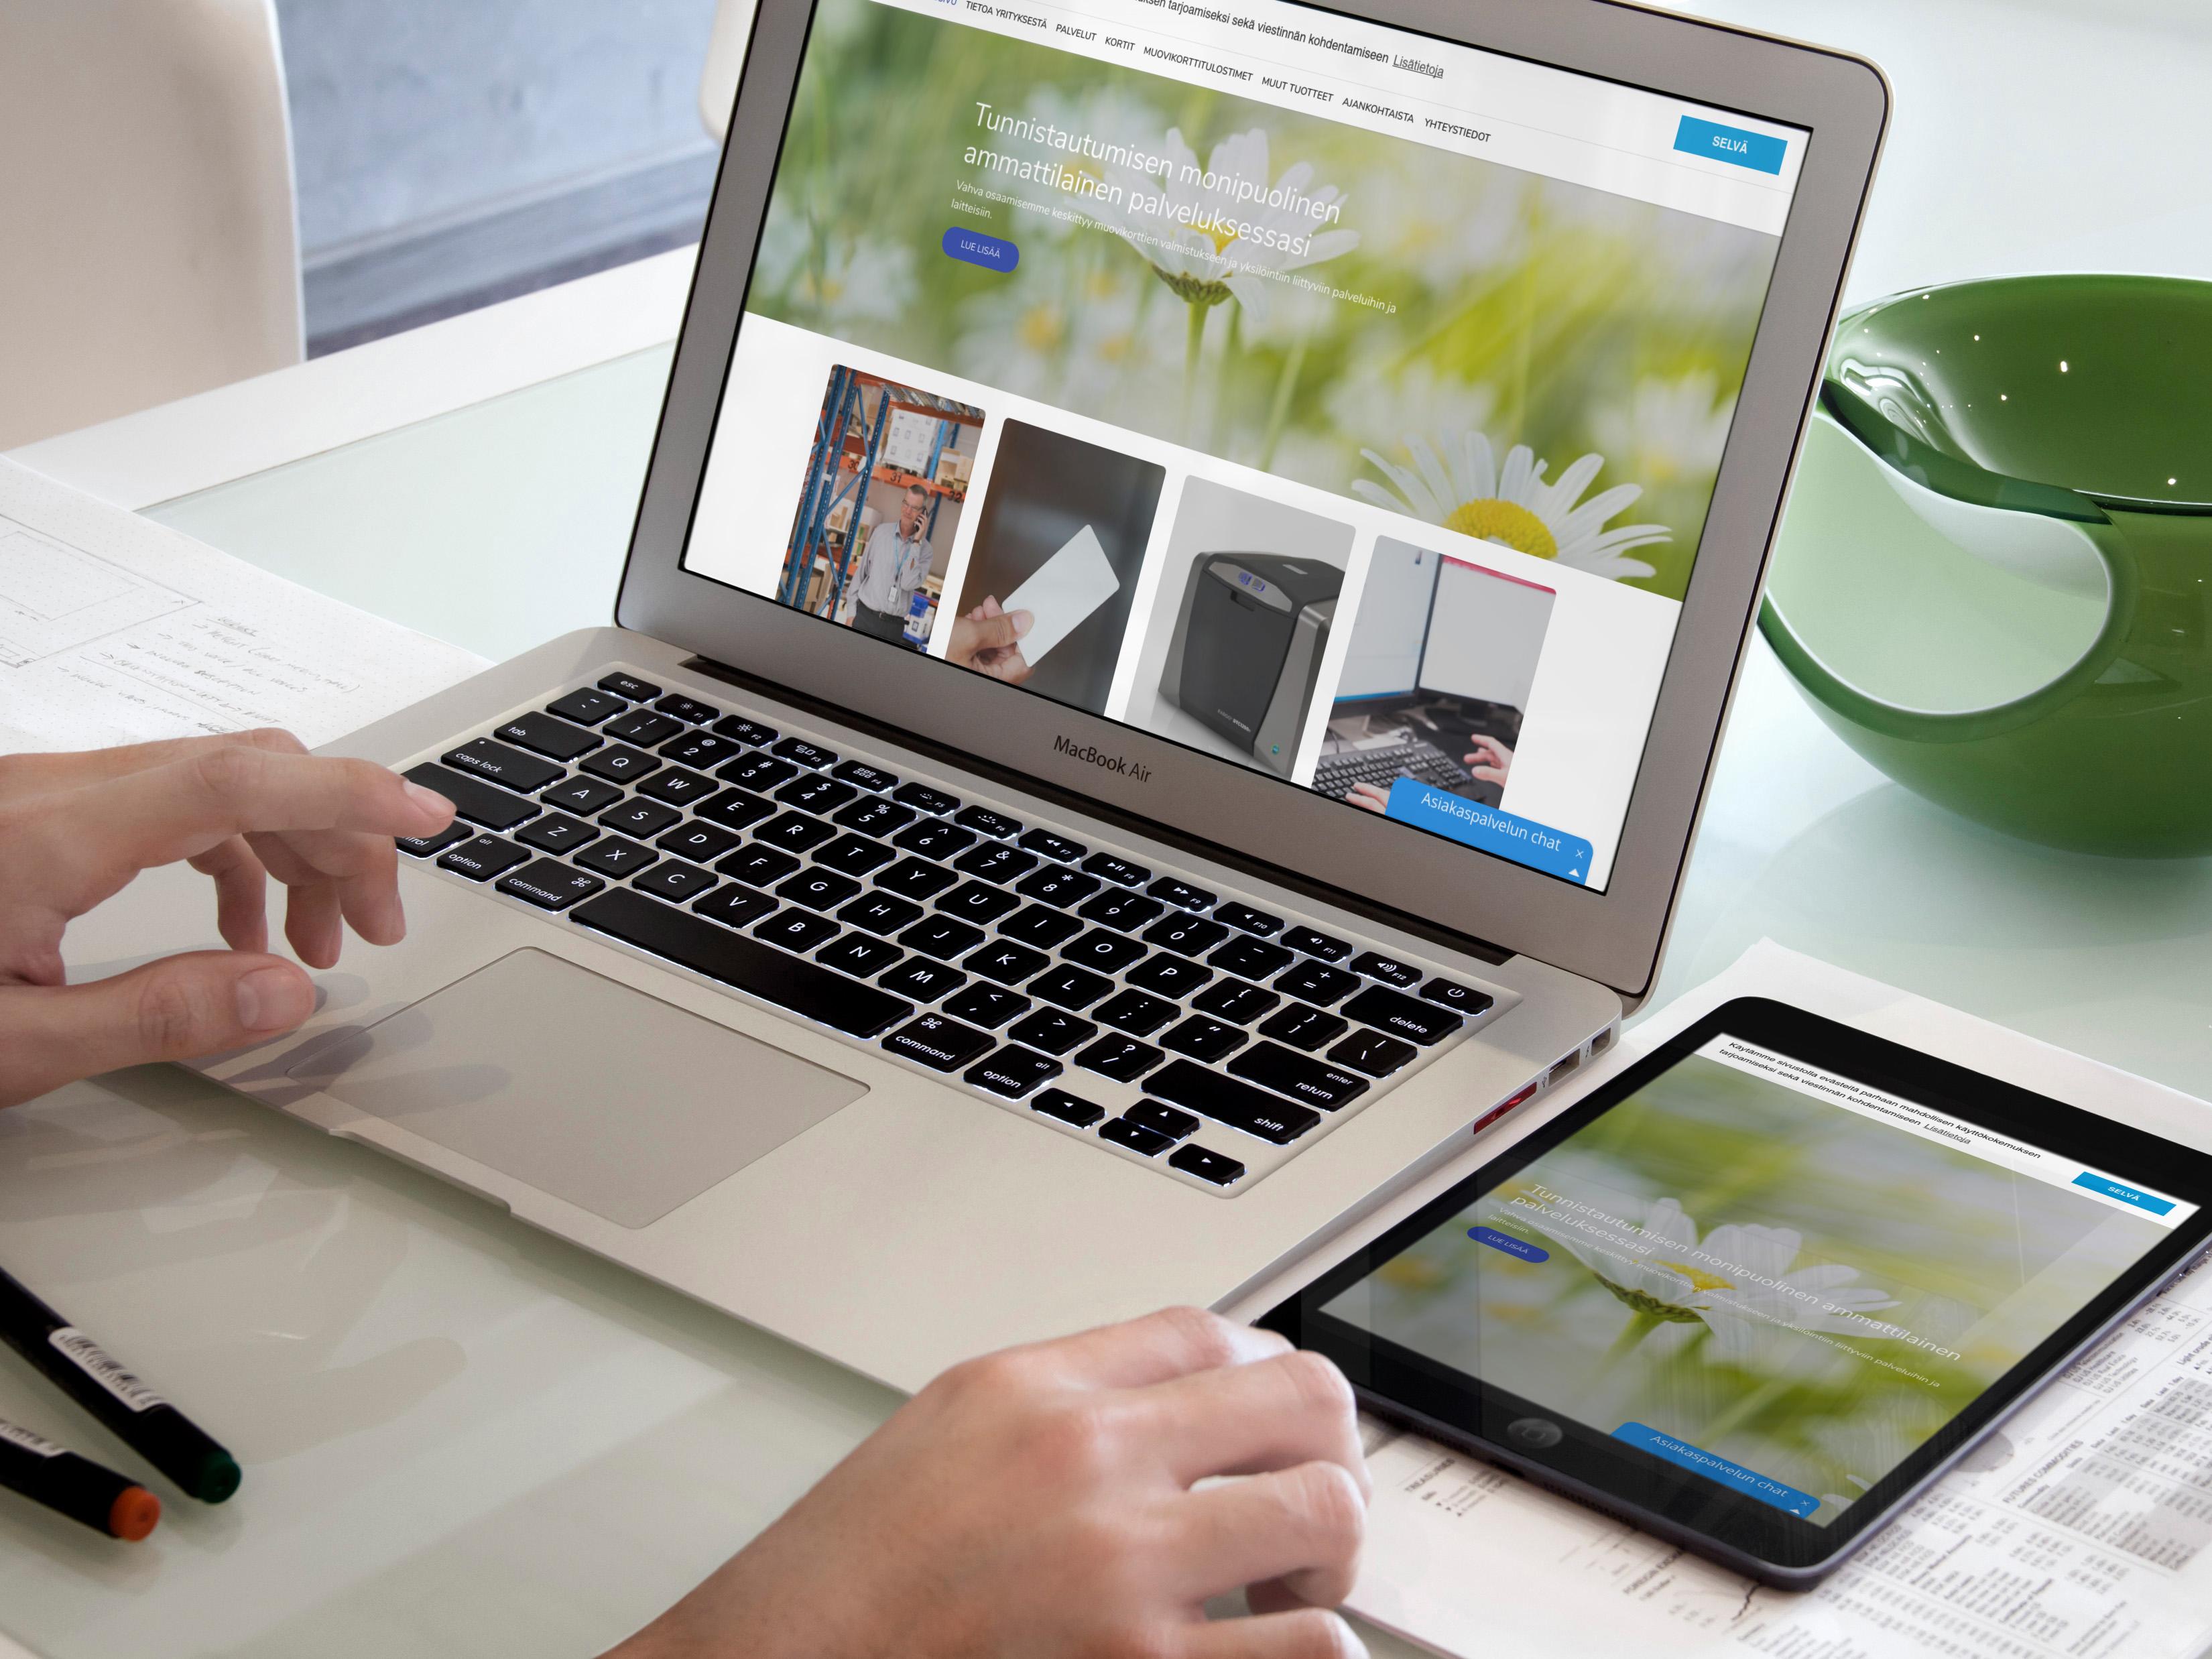 Henkilö katselee cardplus.fi sivustoa kannettavalla tietokoneella ja tabletilla.